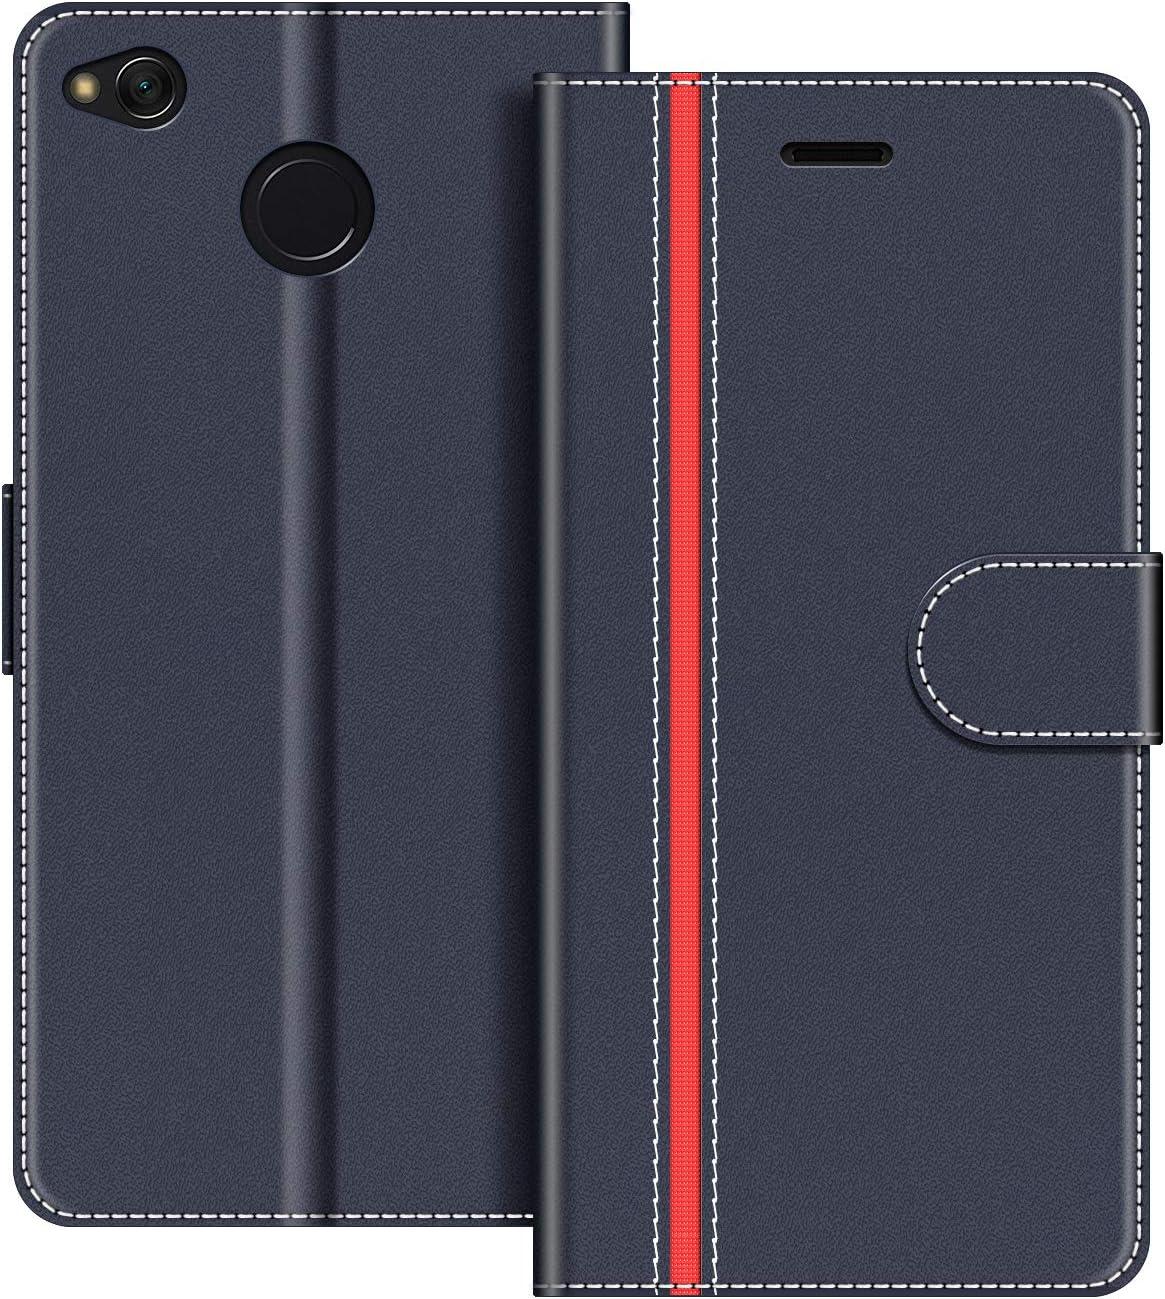 COODIO Funda Xiaomi Redmi 4X con Tapa, Funda Movil Xiaomi Redmi 4X, Funda Libro Xiaomi Redmi 4X Carcasa Magnético Funda para Xiaomi Redmi 4X, Azul Oscuro/Rojo